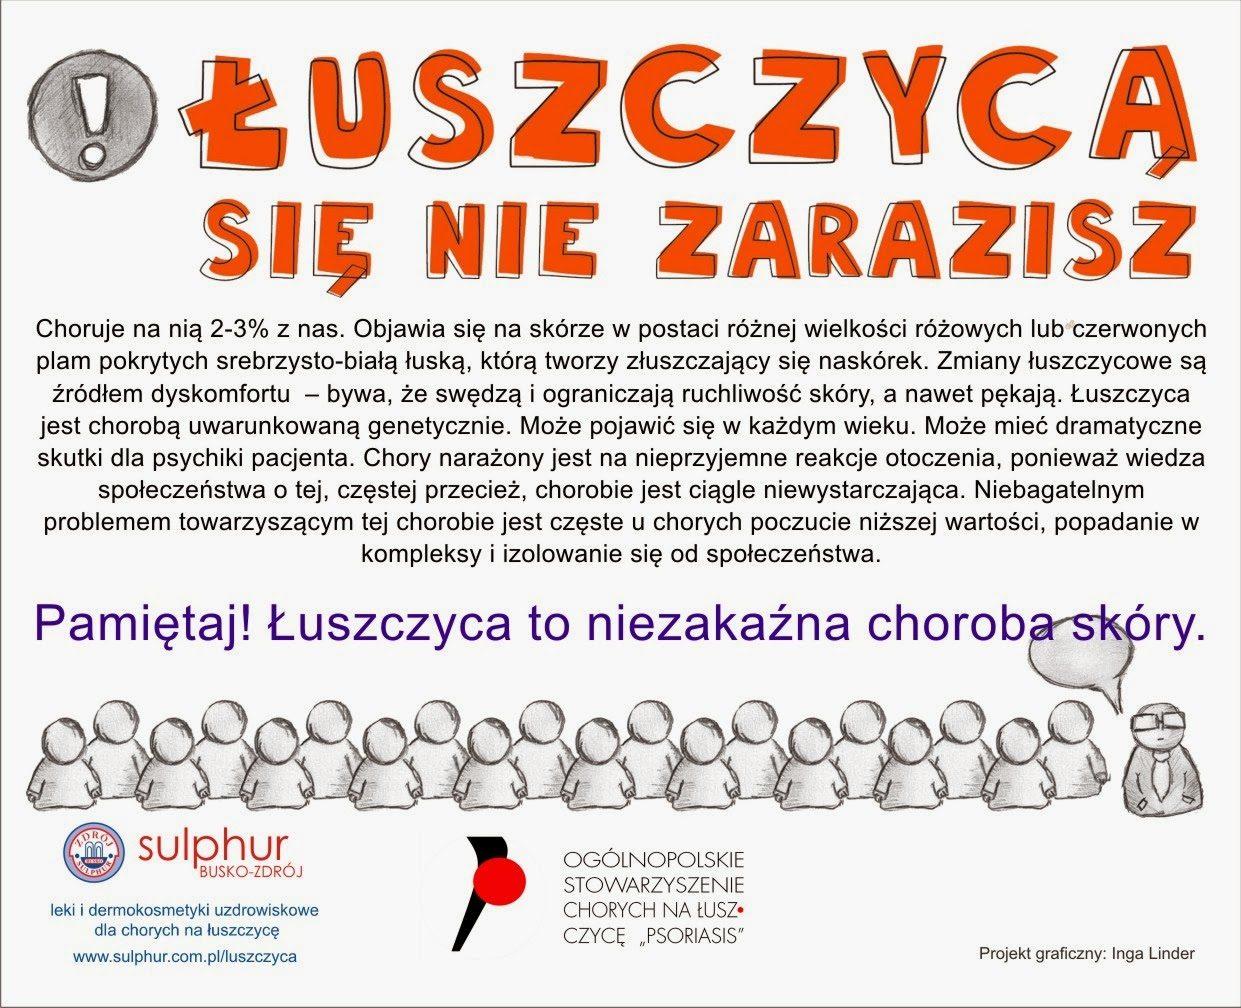 luszczyca-sie-nie-zarazisz-v002-9936626